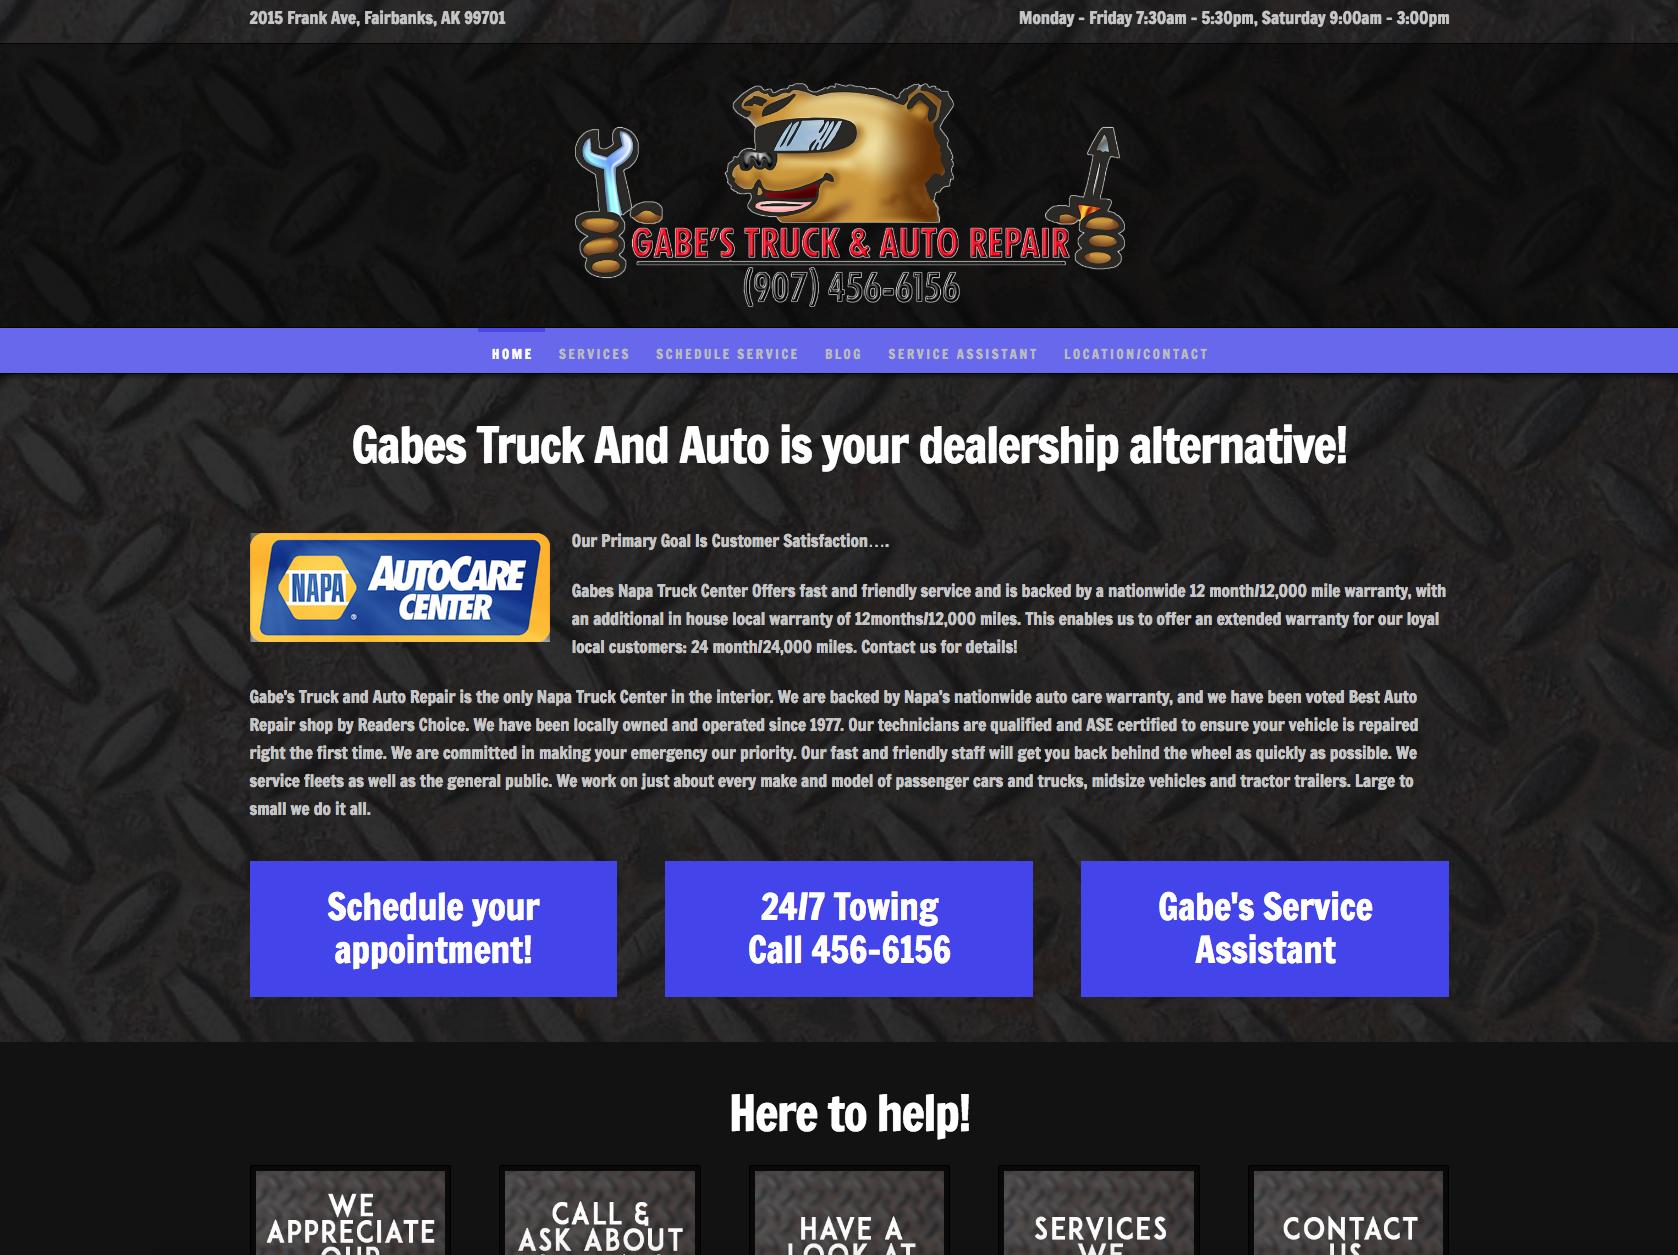 Gabe's Truck & Auto